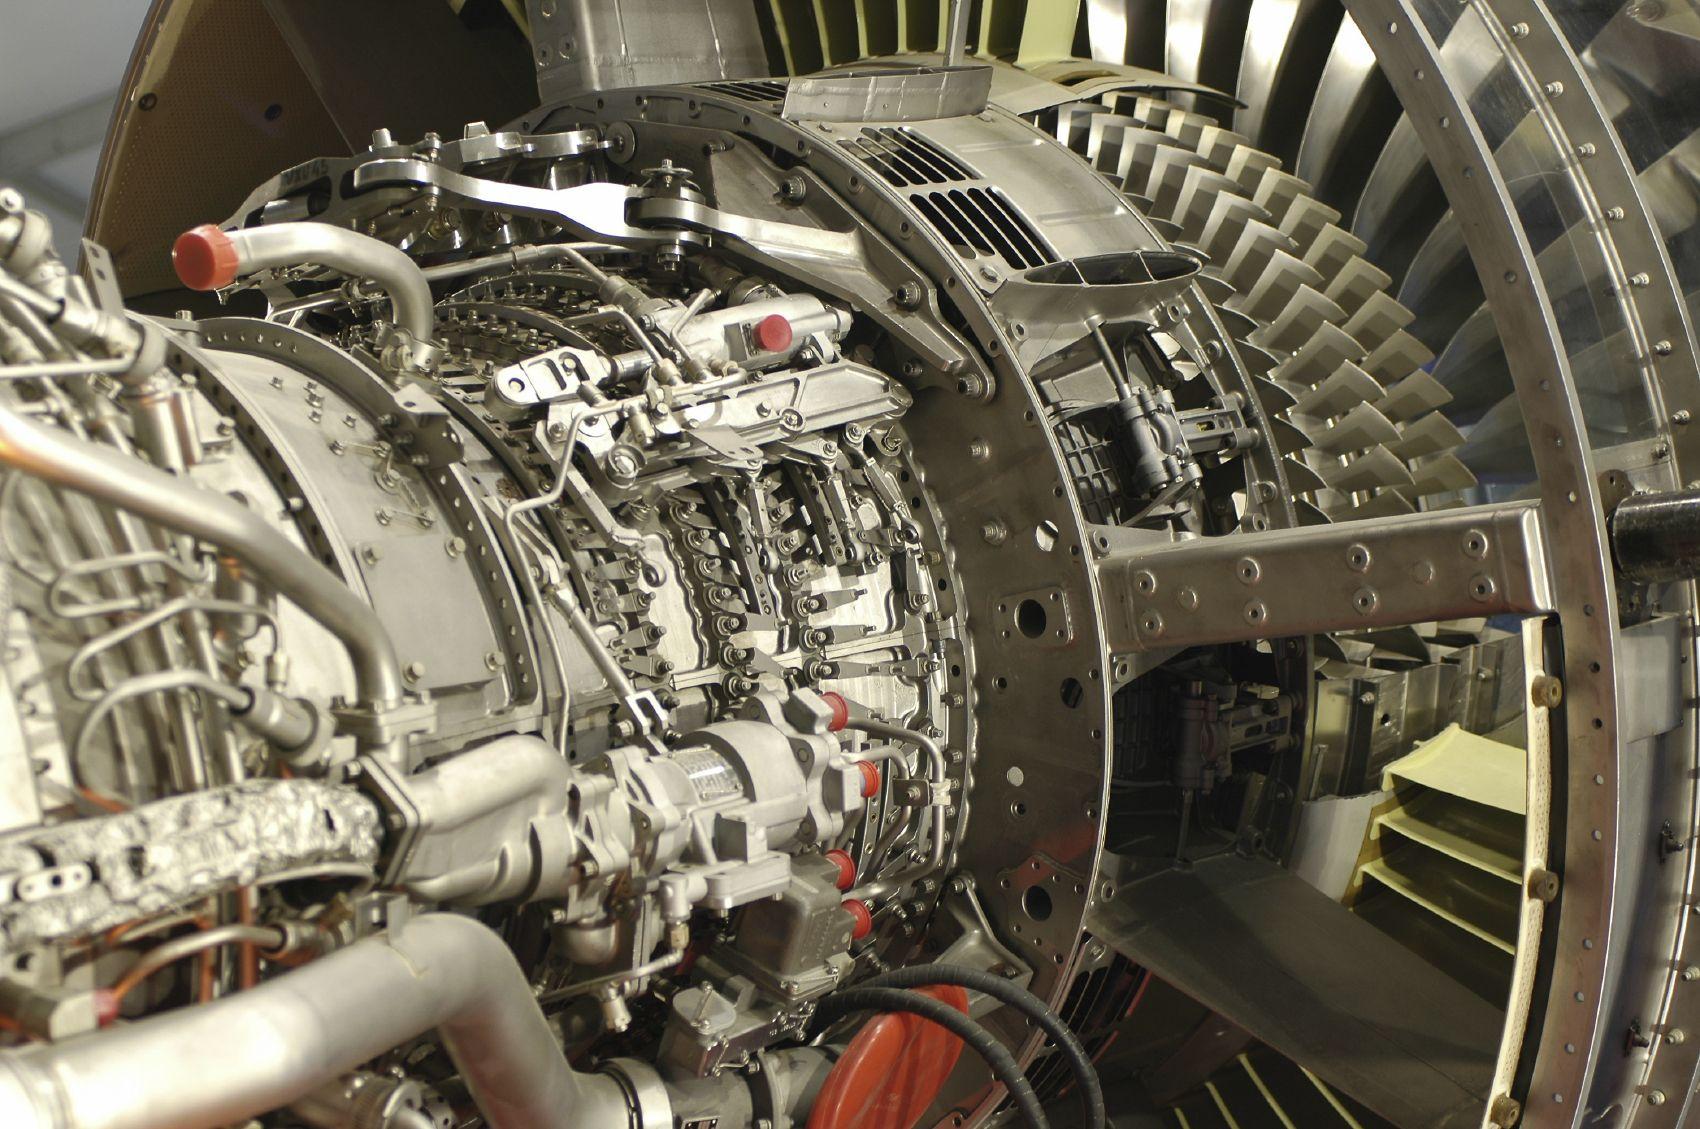 Machinery Google Search Dusentriebwerk Flugzeugtriebwerk Flugzeug